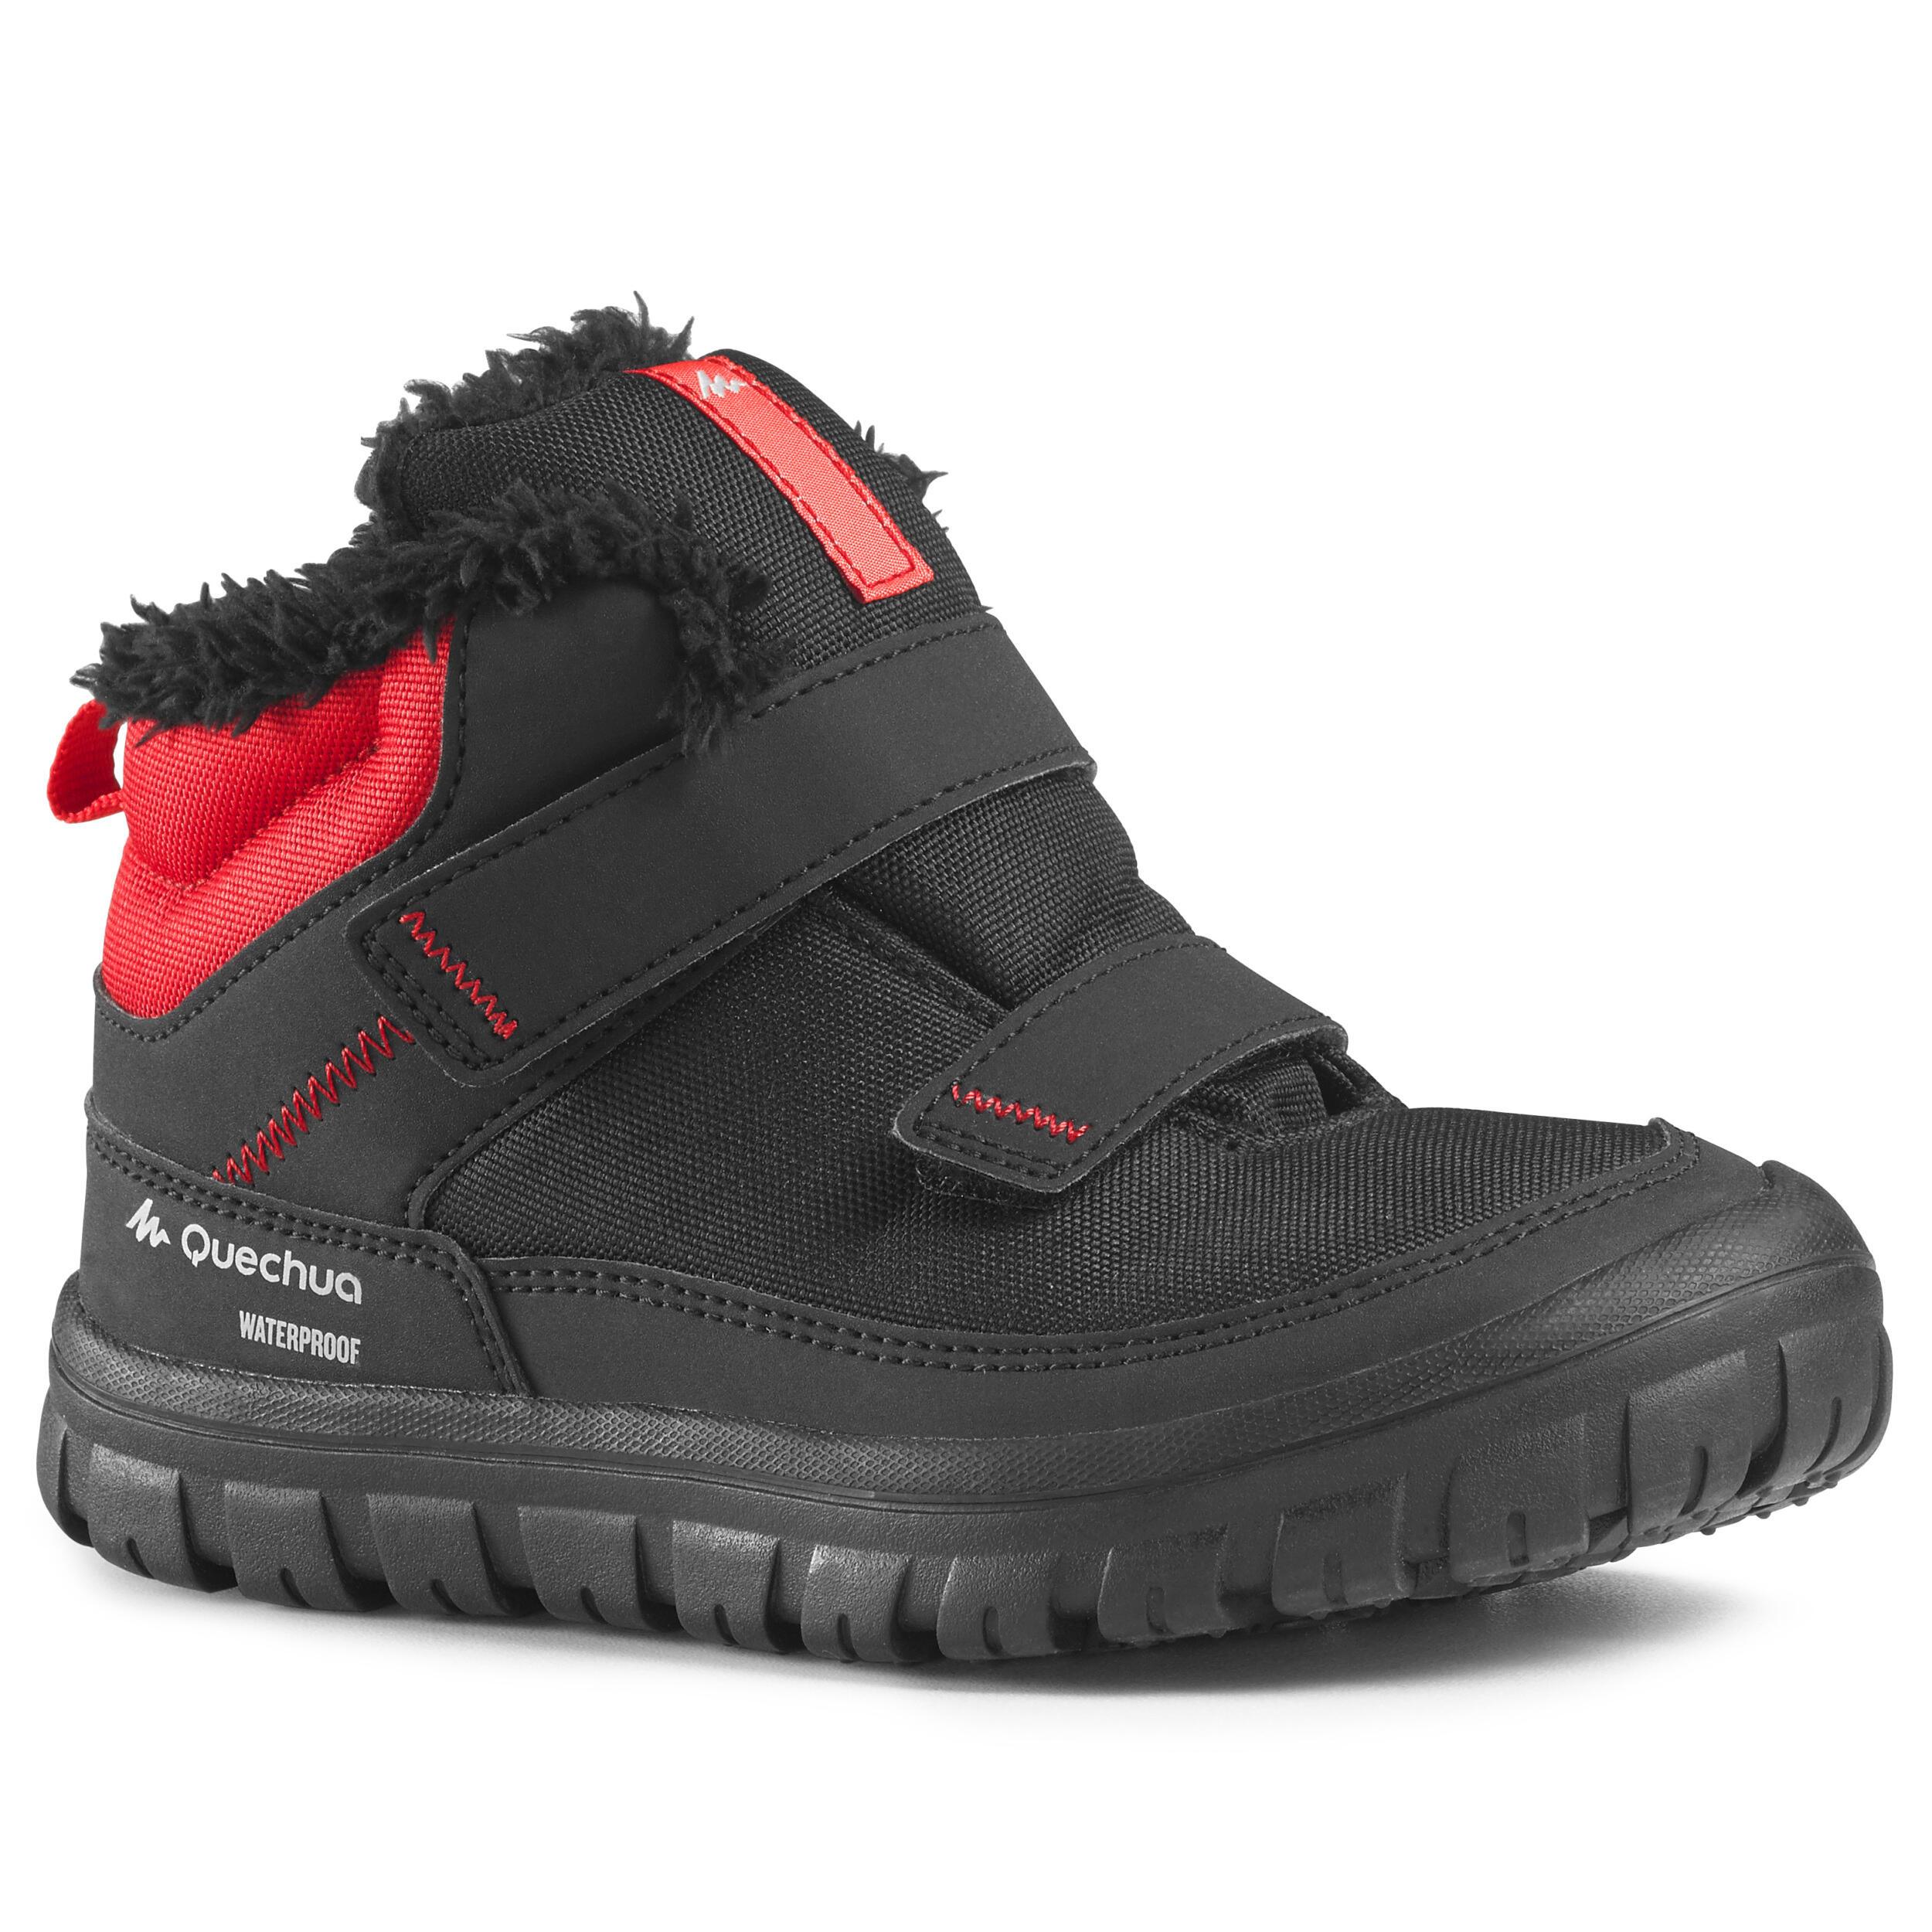 best website 7334d 0a3cd Schuhe Baby | Große Auswahl für kleine Füße | DECATHLON